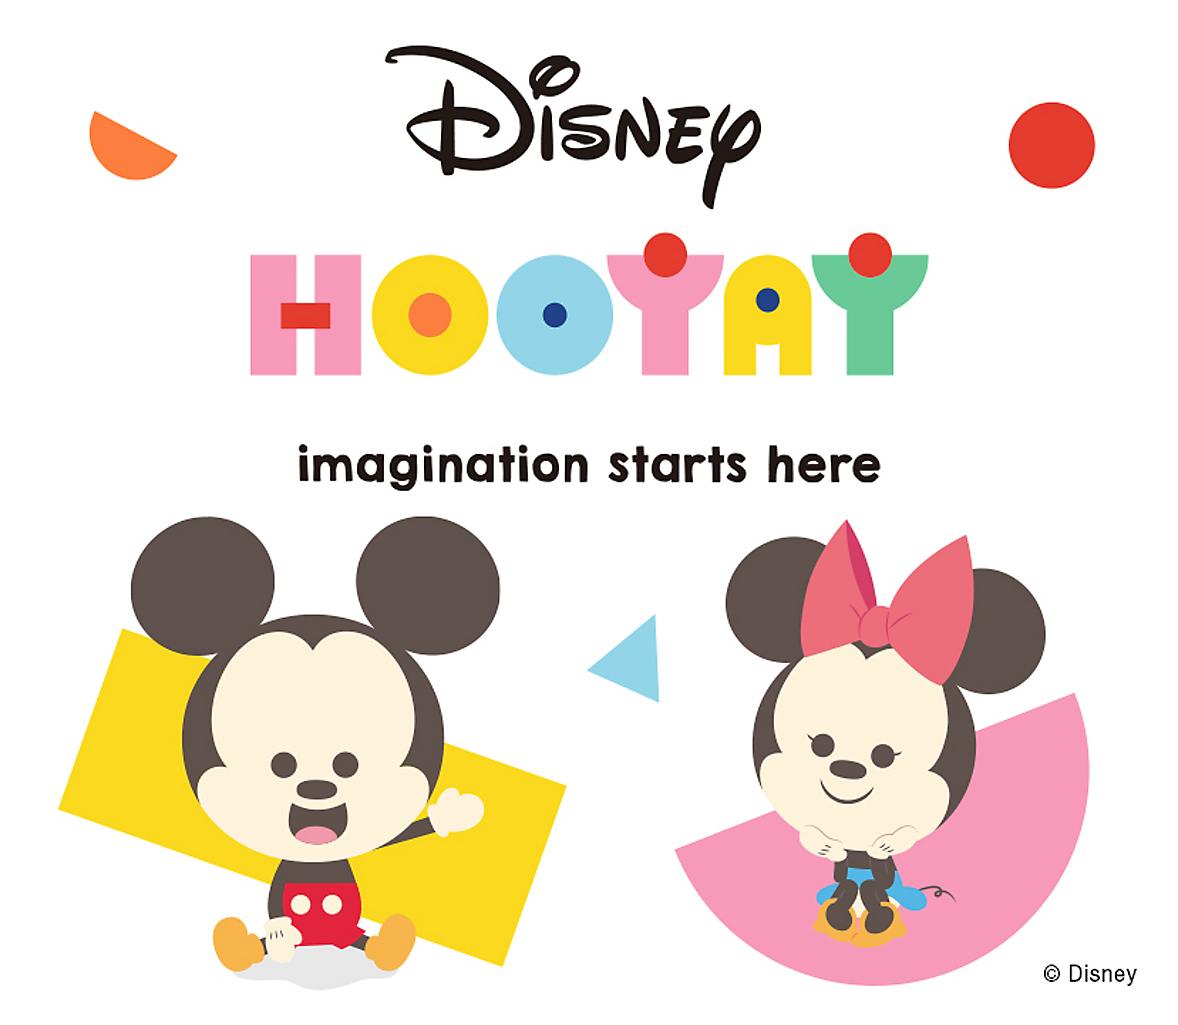 Disney Hooyay